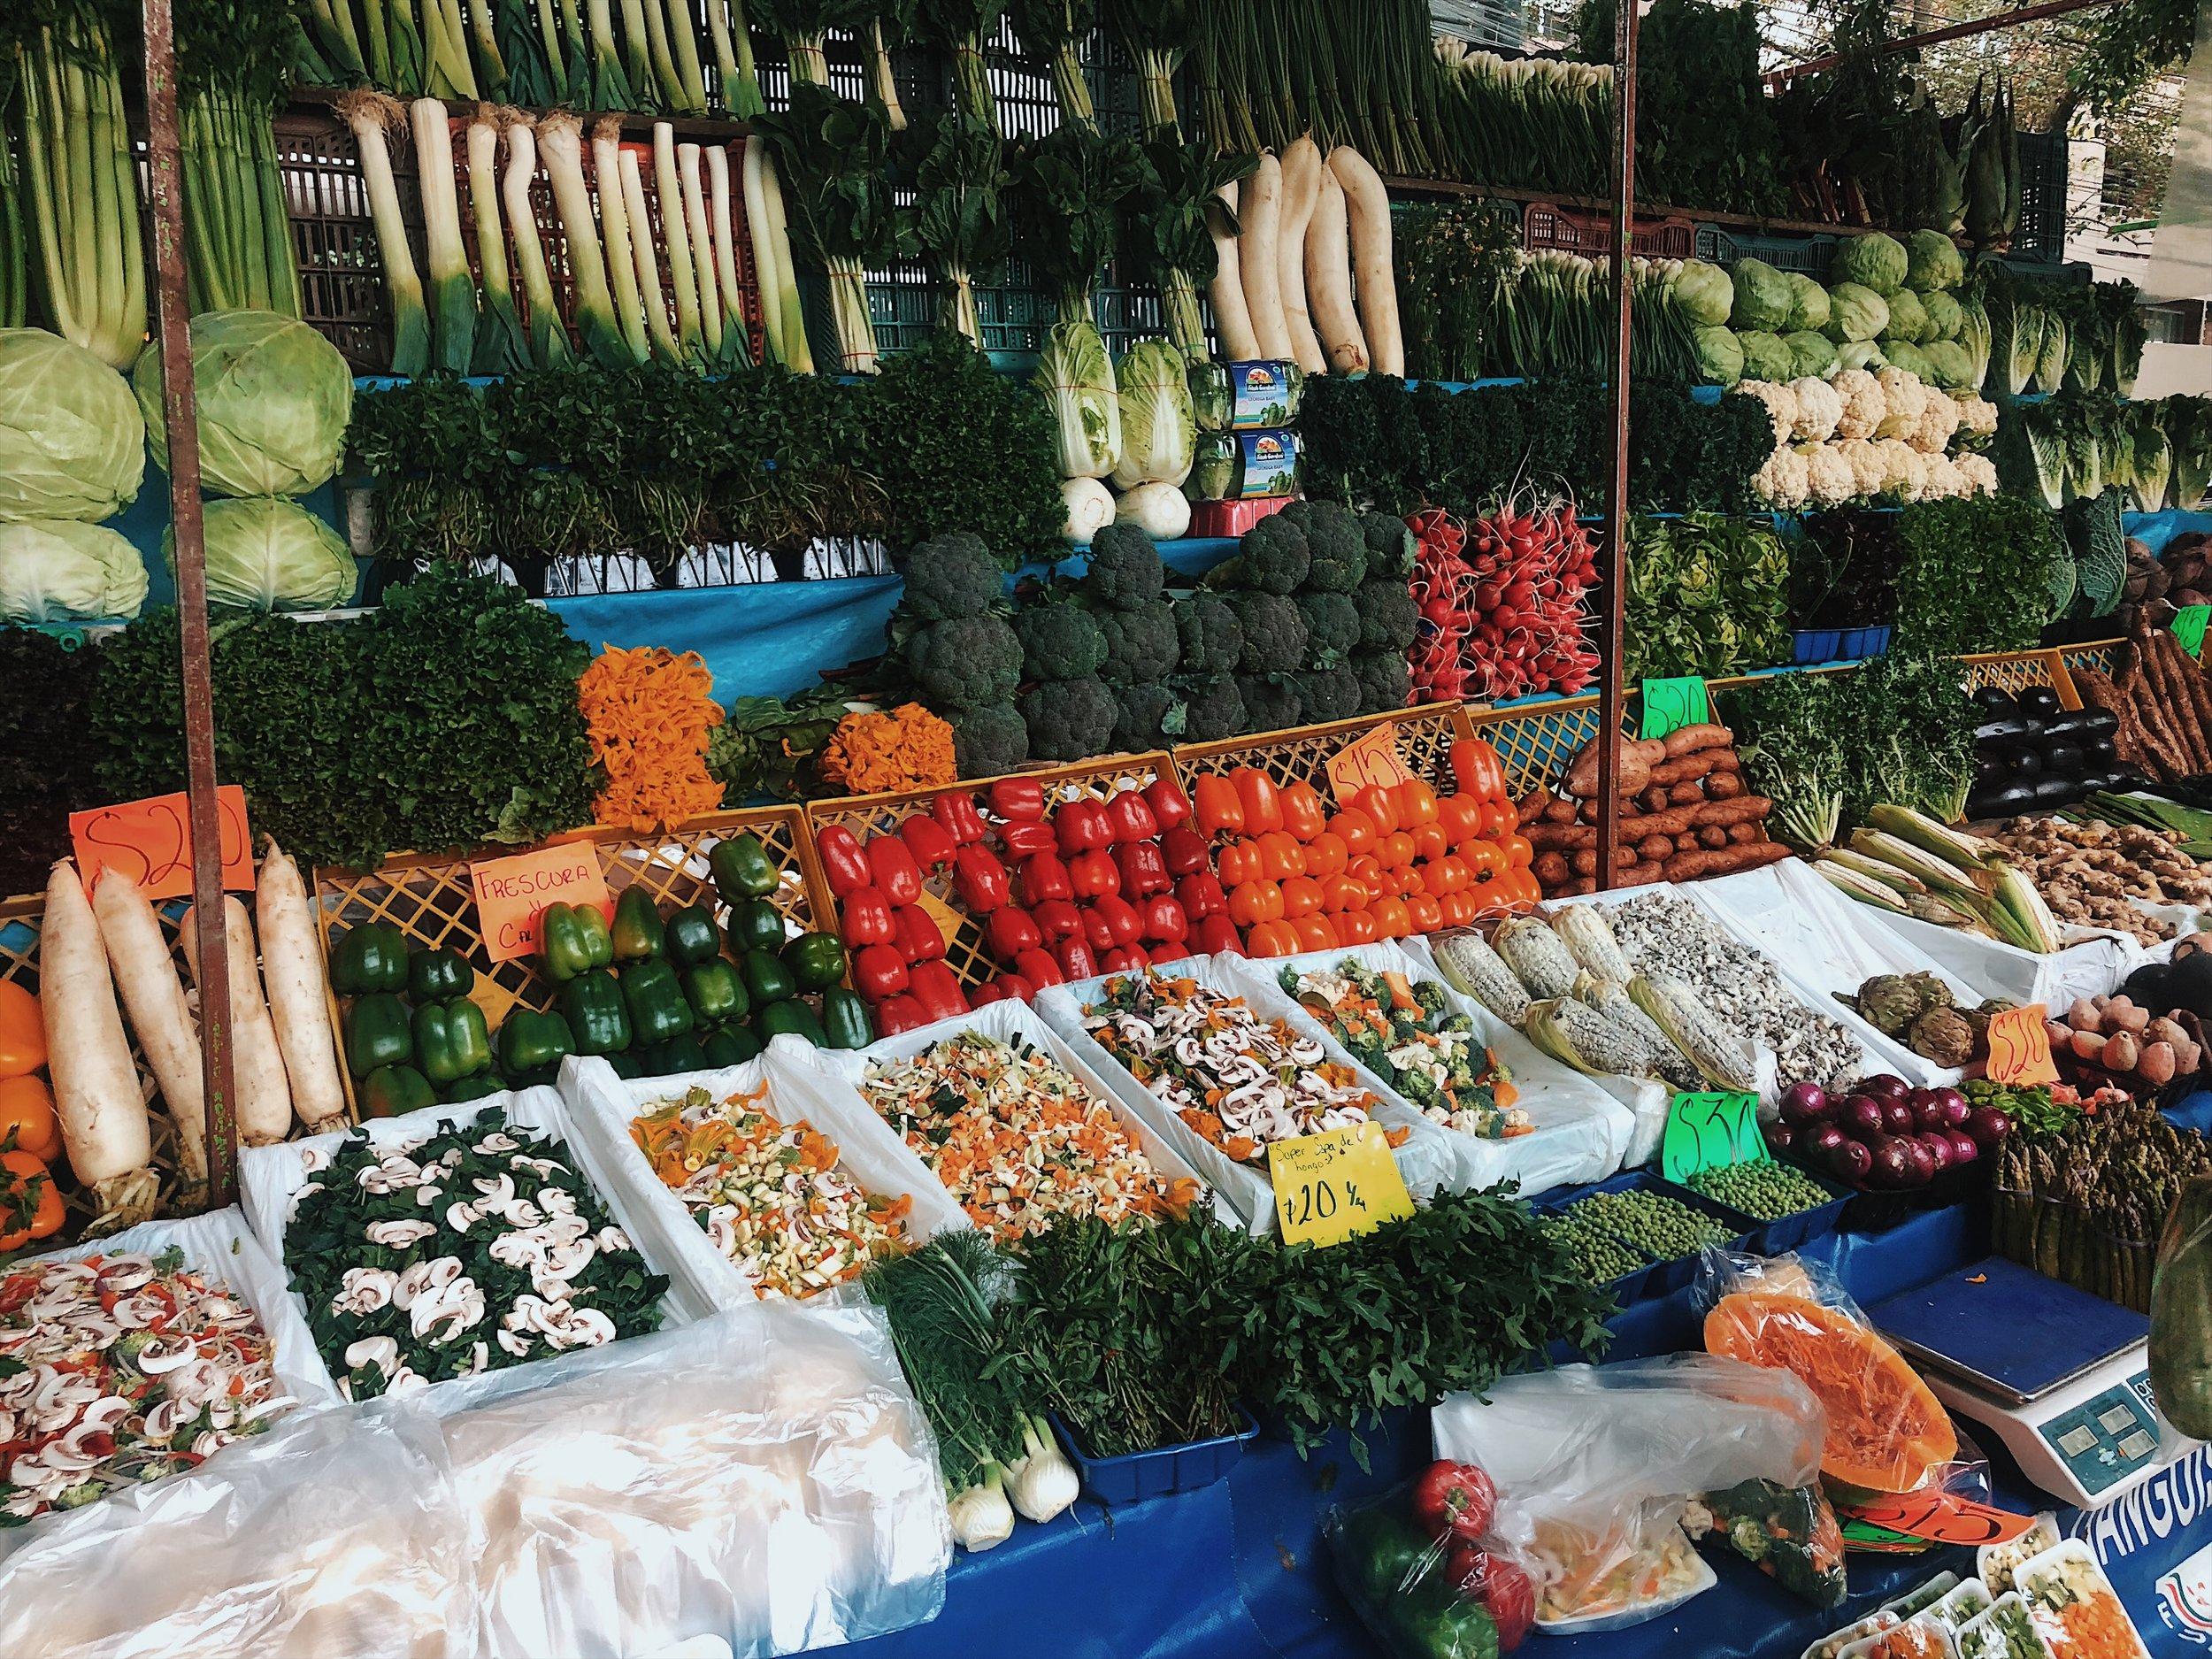 polanco mexico city market